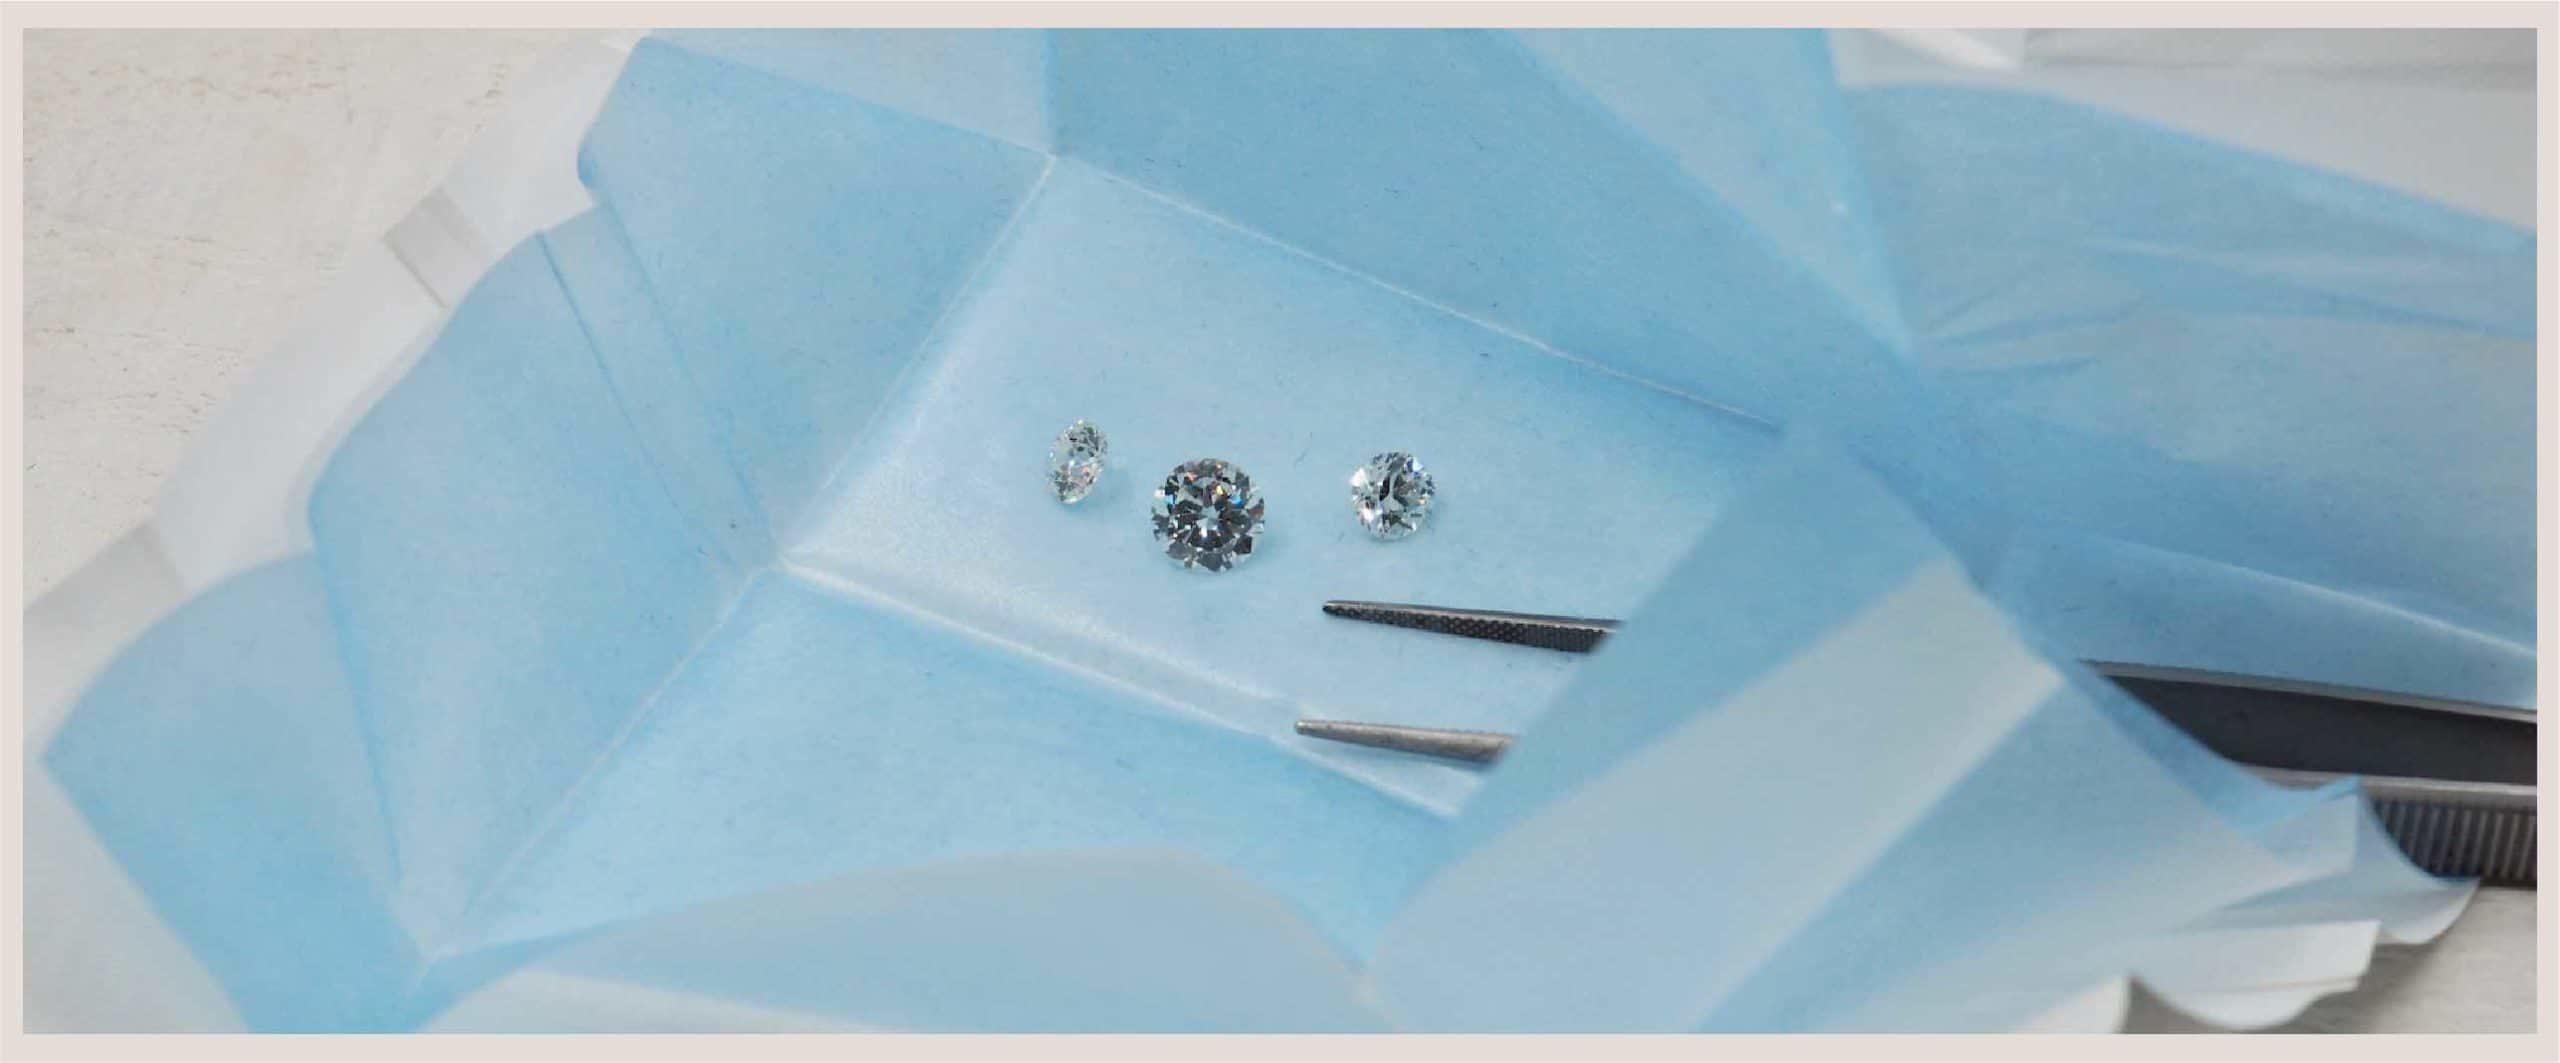 rachat diamant pierre précieuse